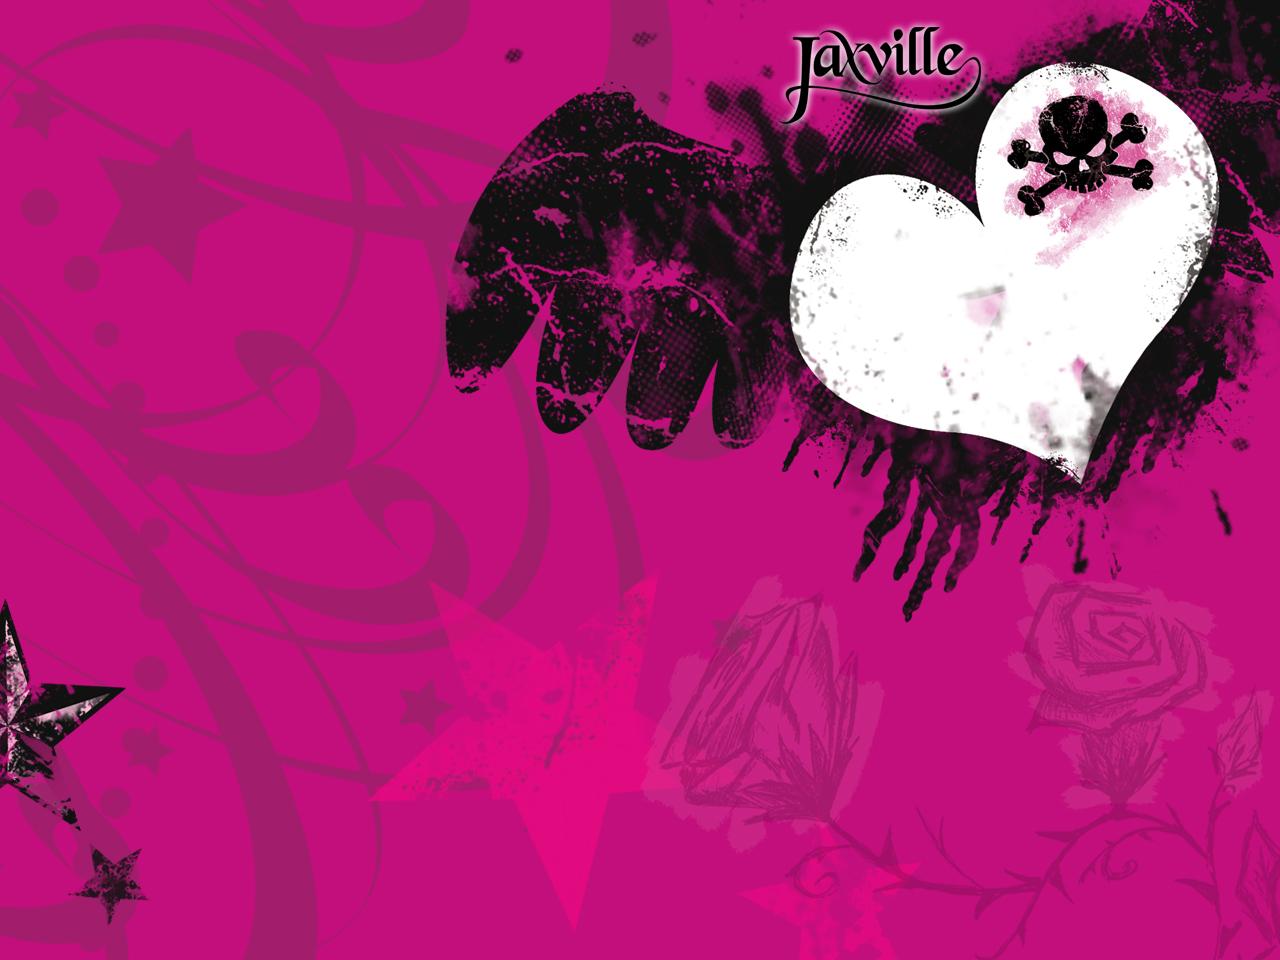 http://1.bp.blogspot.com/_Iq1fkO6qus0/TUNYG6ri1DI/AAAAAAAAApI/YOLCPZ7Zp2g/s1600/pink-punk-wallpaper_13120111.jpg